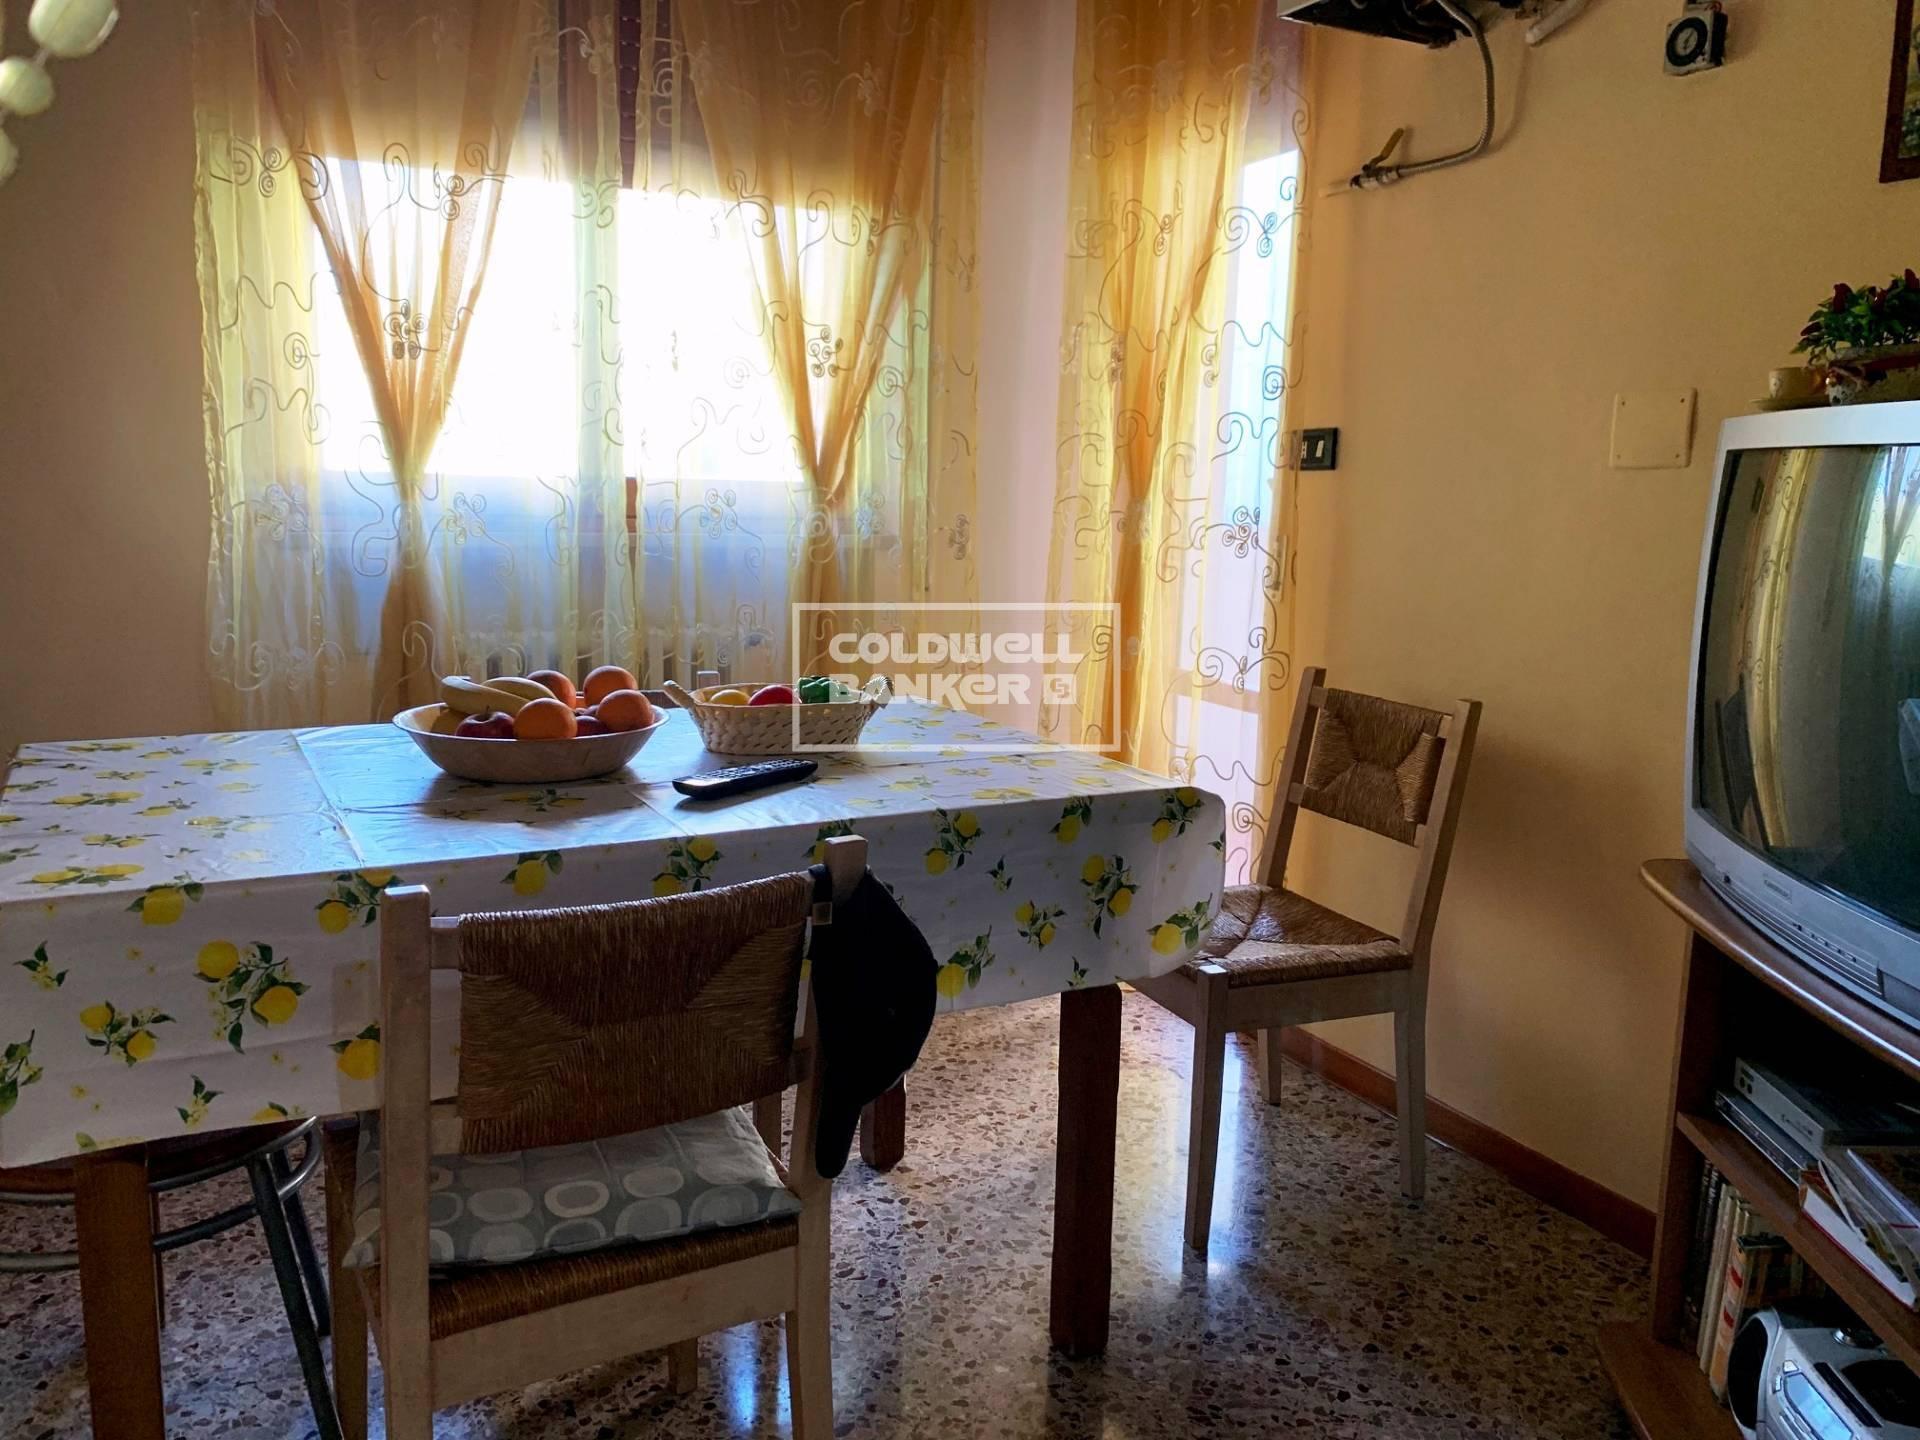 Appartamento BRINDISI vendita  S. Elia  Coldwell Banker Millenia